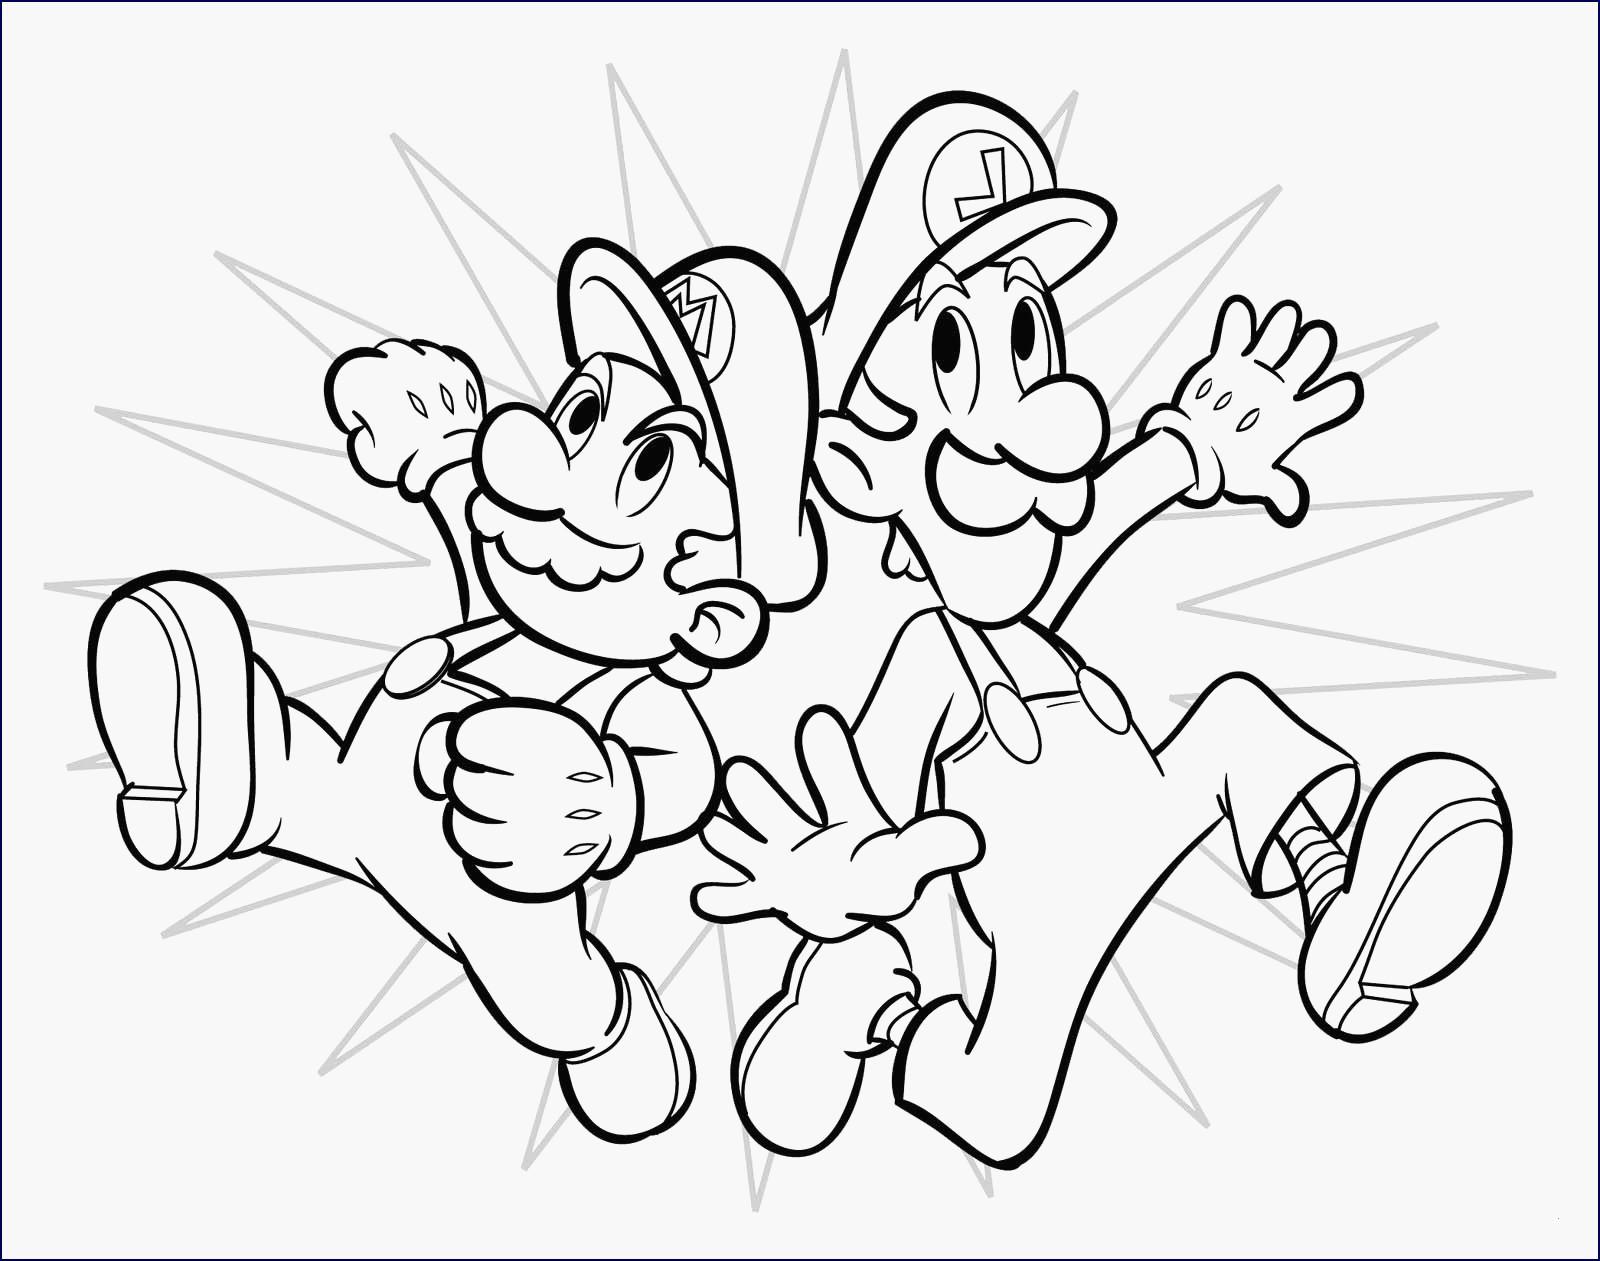 Super Mario Pilz Ausmalbilder Das Beste Von 28 Inspirierend Ausmalbild Super Mario – Malvorlagen Ideen Das Bild